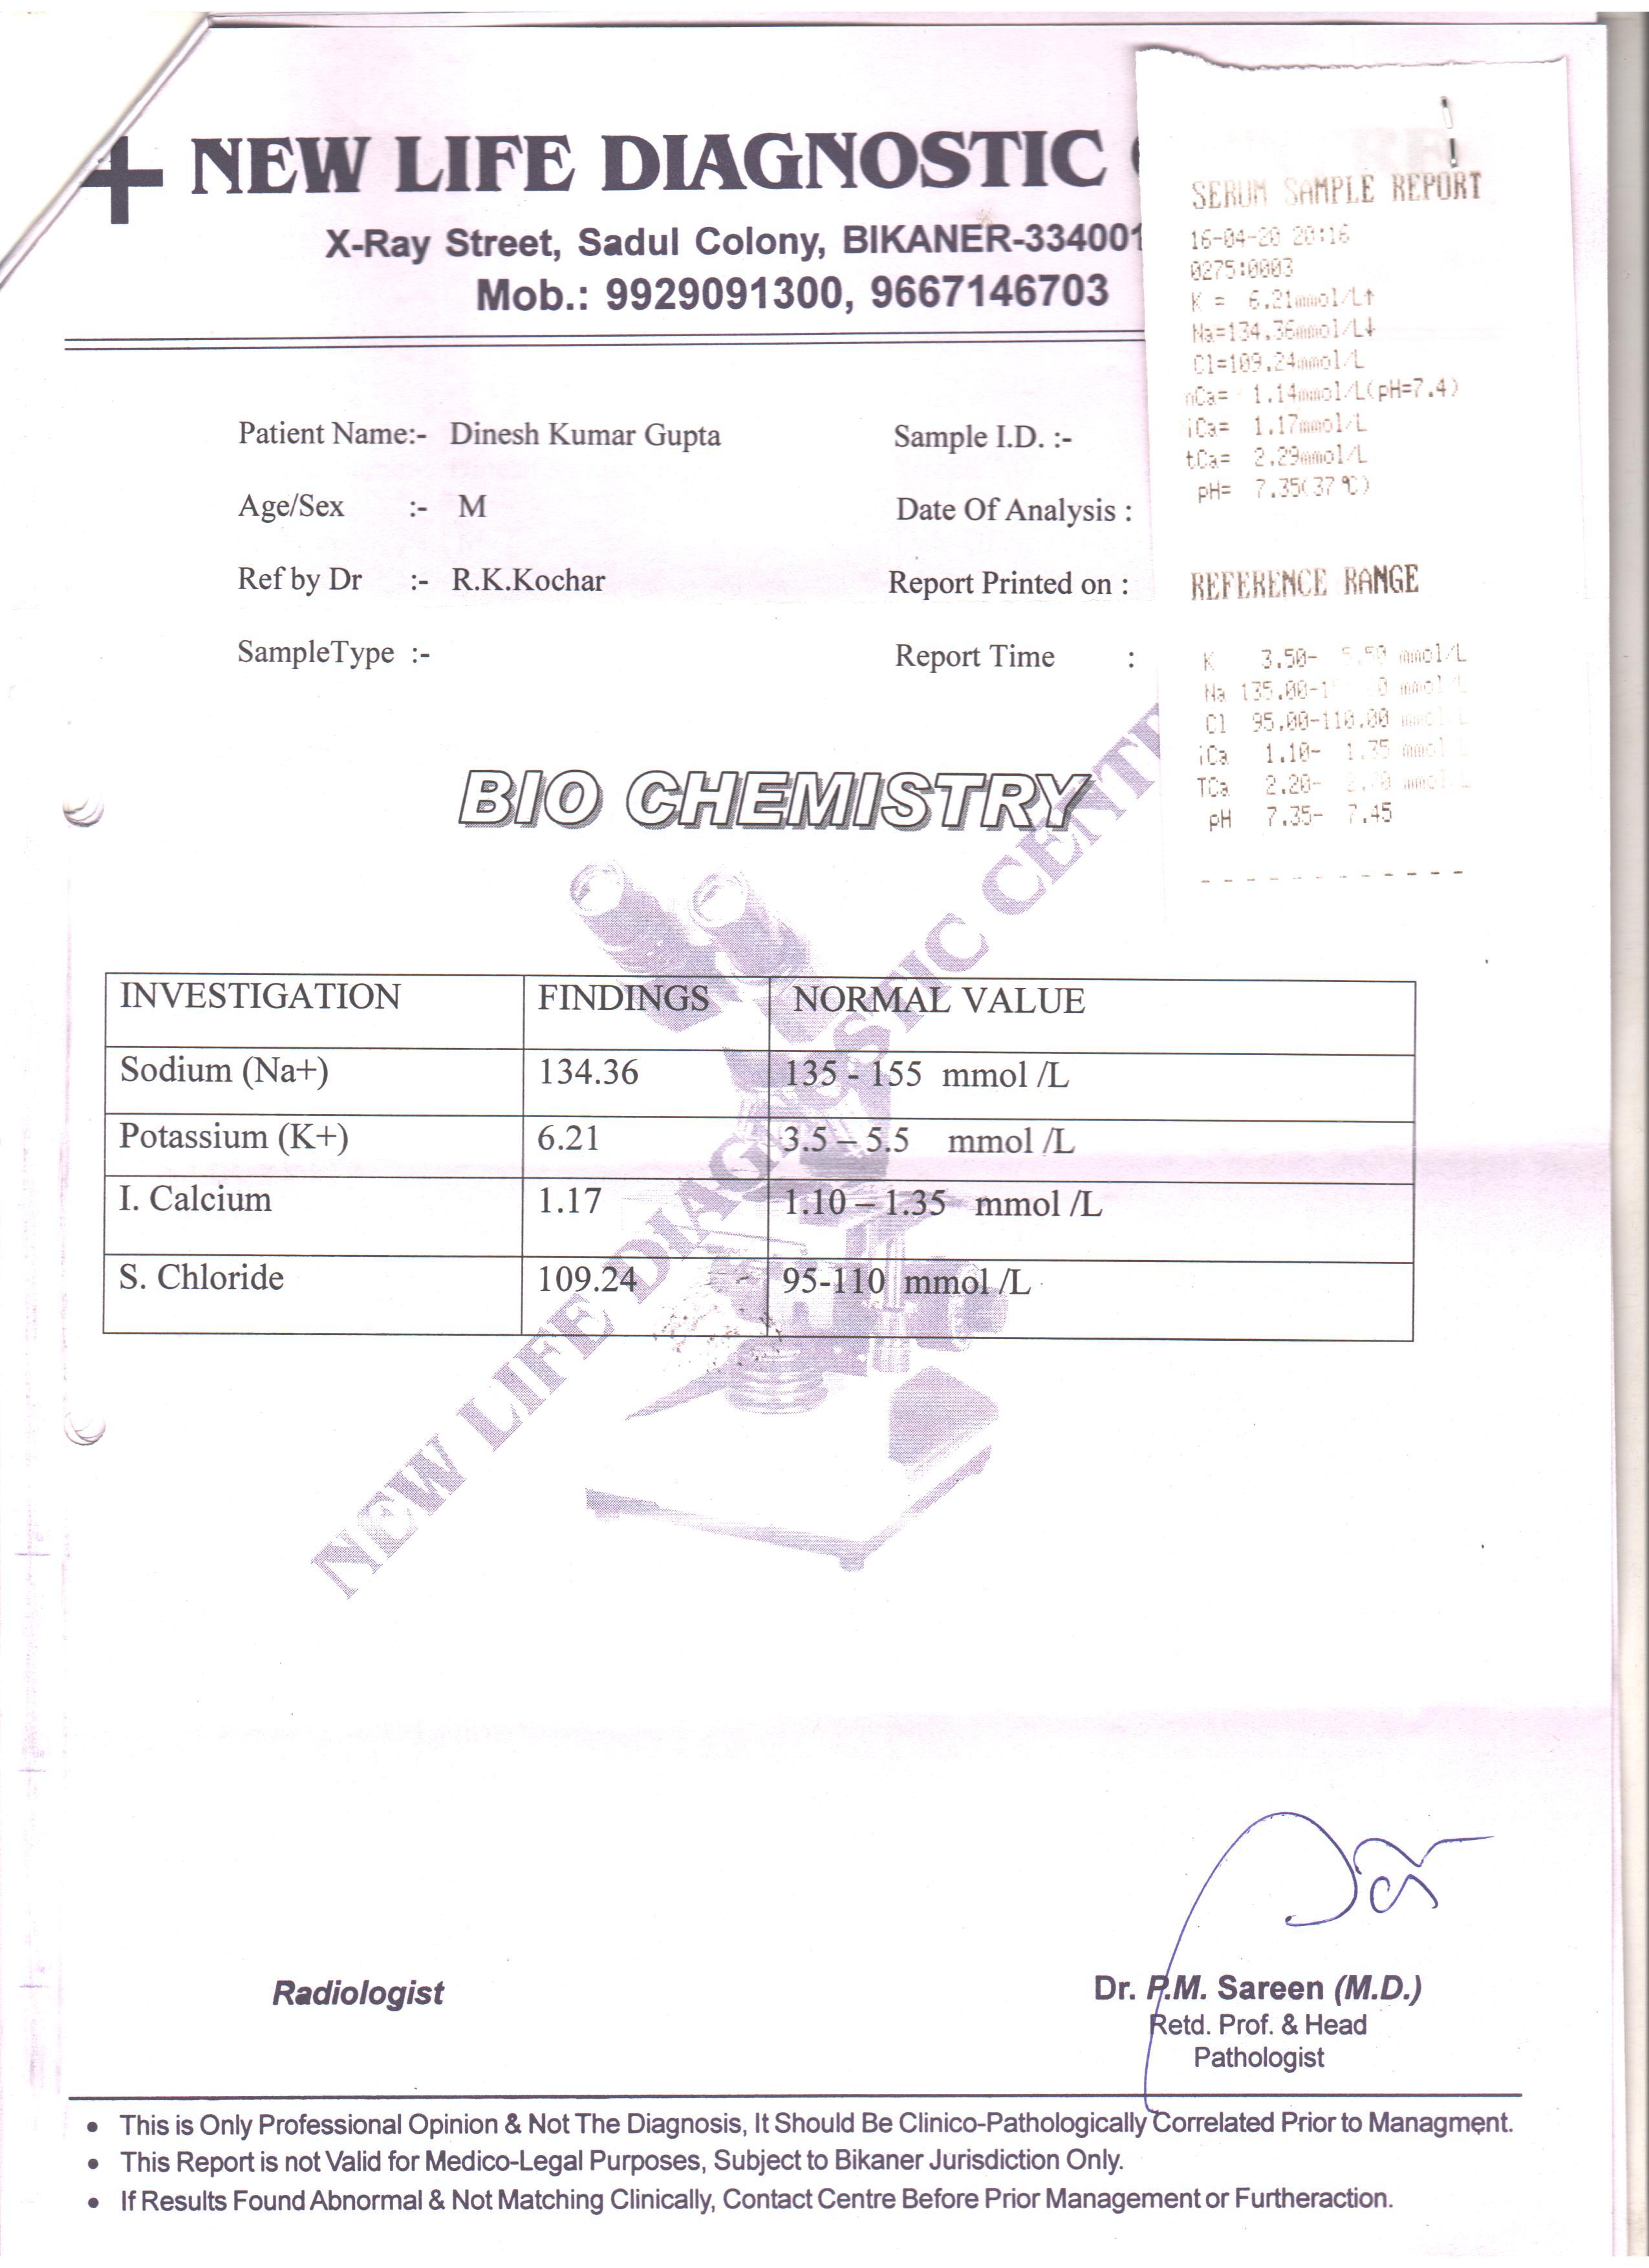 DINESH-KUMAR-GUPTA-57-Years-Kidney-Failure-treatment-report-4